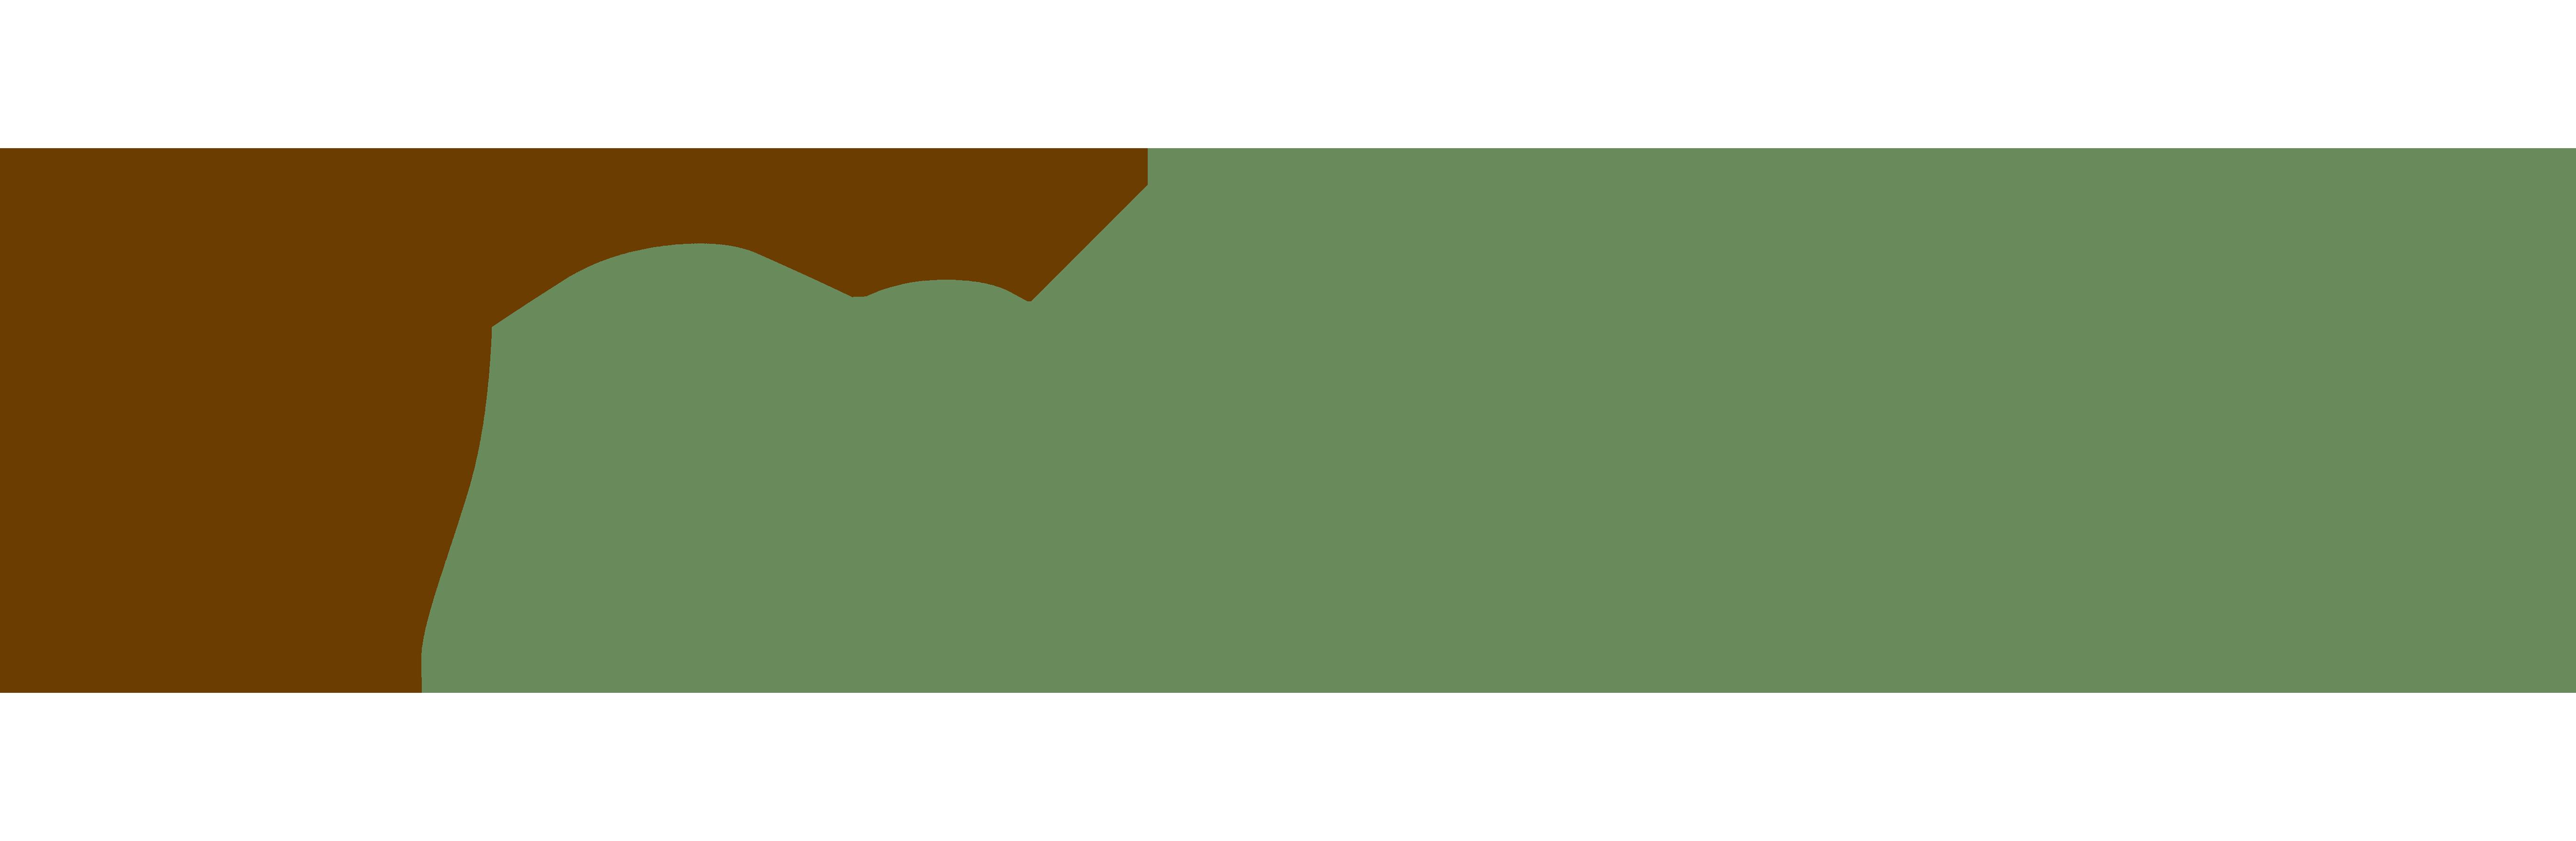 GeoDrone Logo - InterDrone 2020 Resize